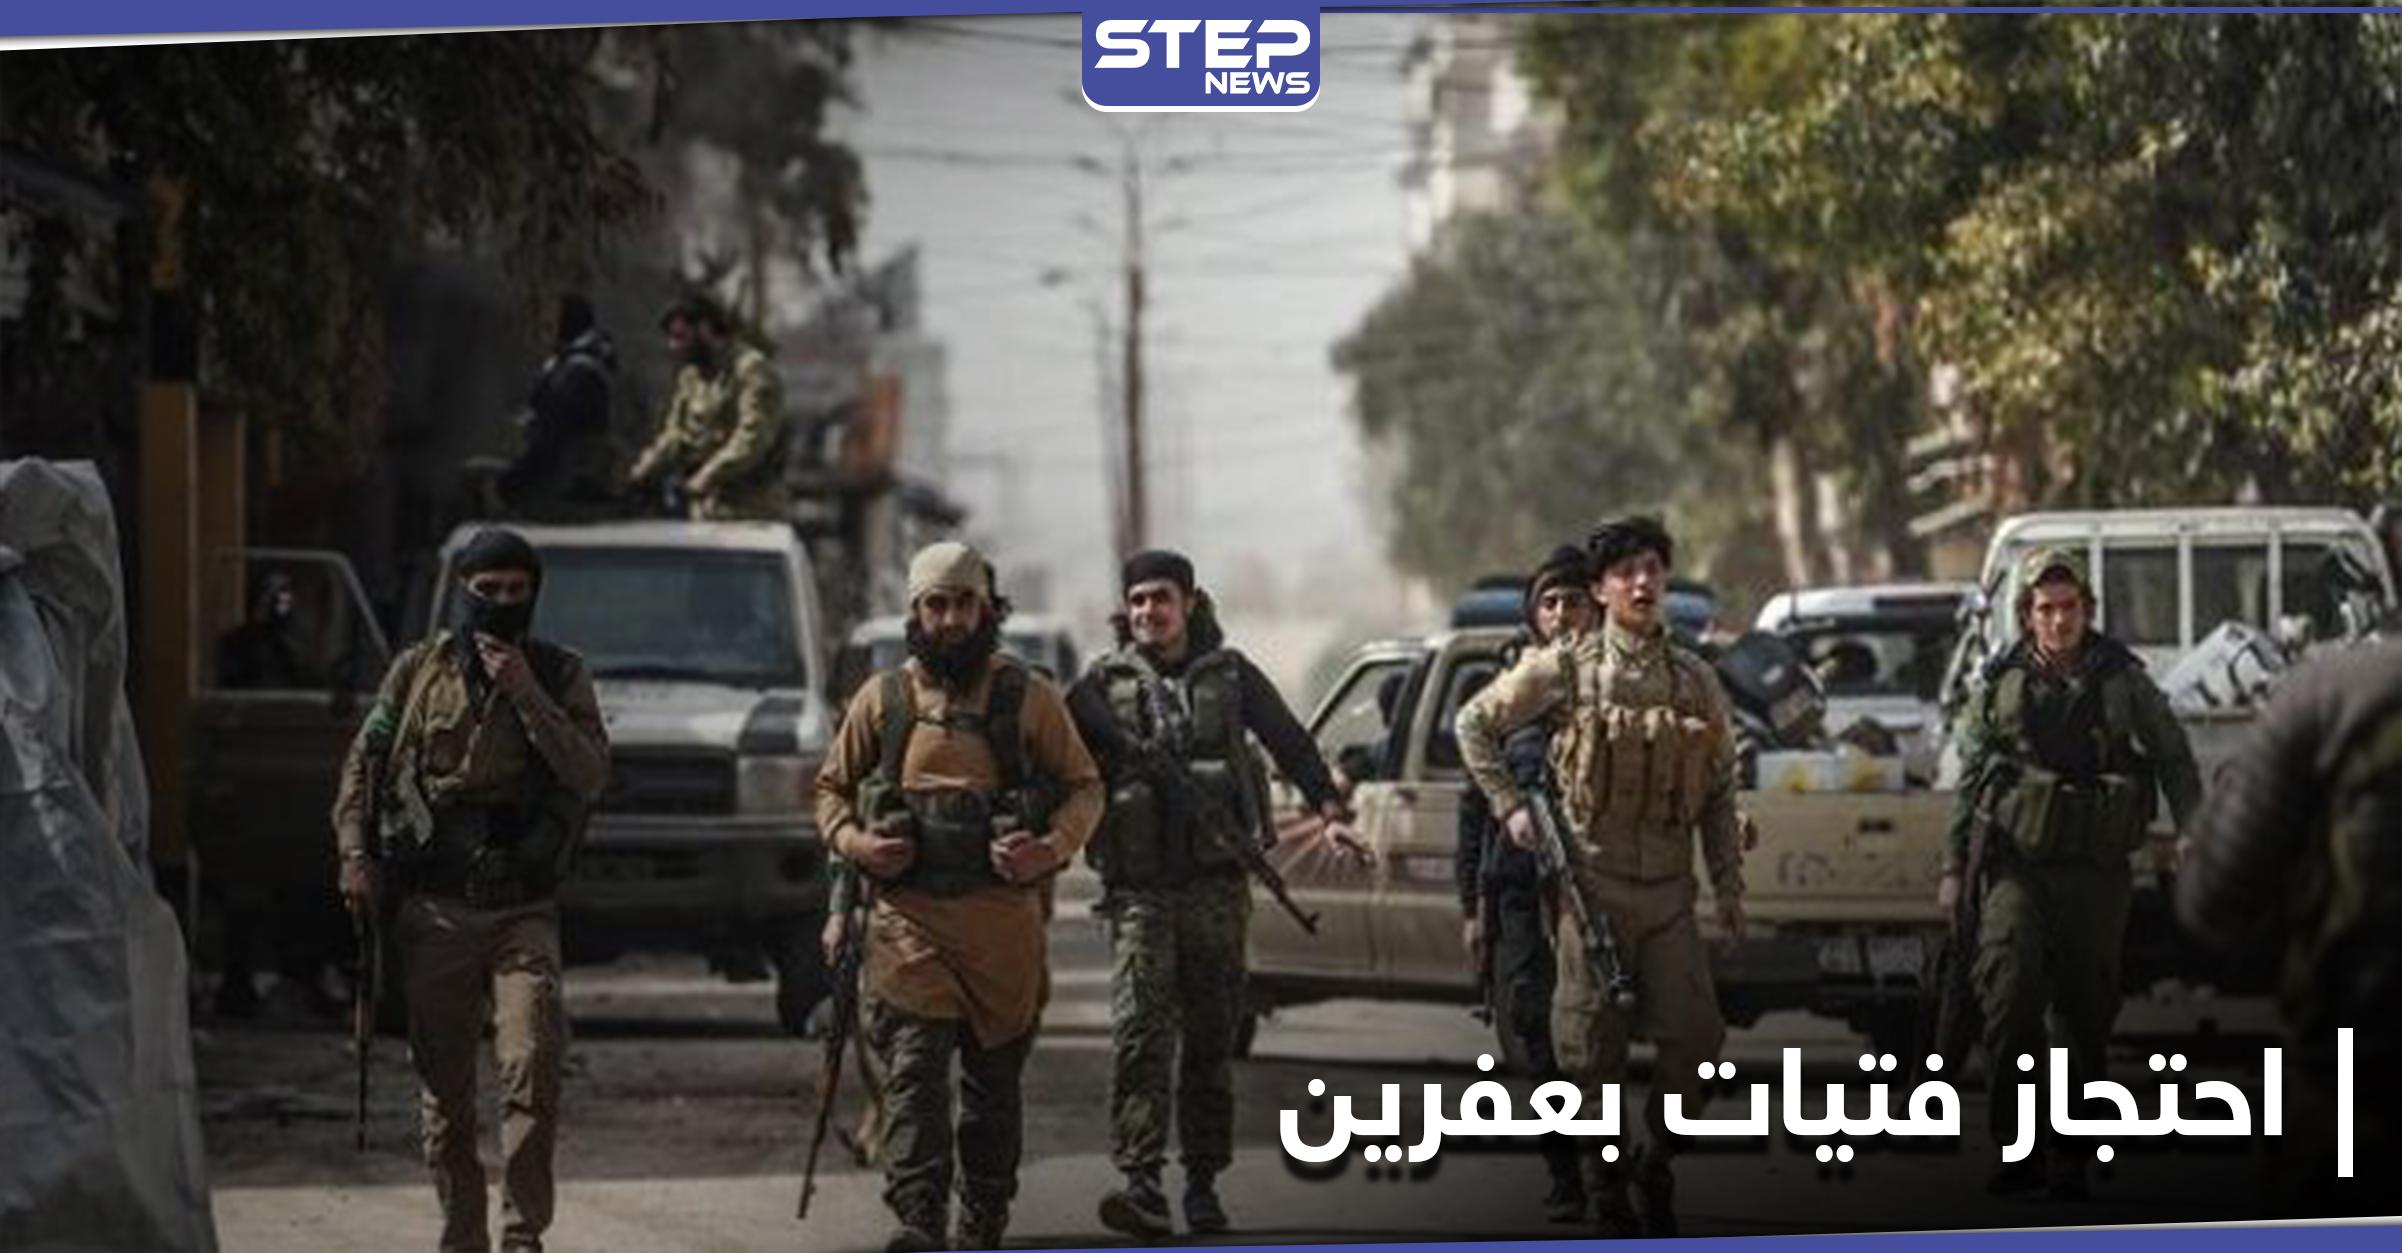 """بتهمة """"العبور إلى تركيا"""".. الشرطة العسكرية الموالية لأنقرة تحتجز 8 فتيات بظروفٍ سيئة في عفرين"""